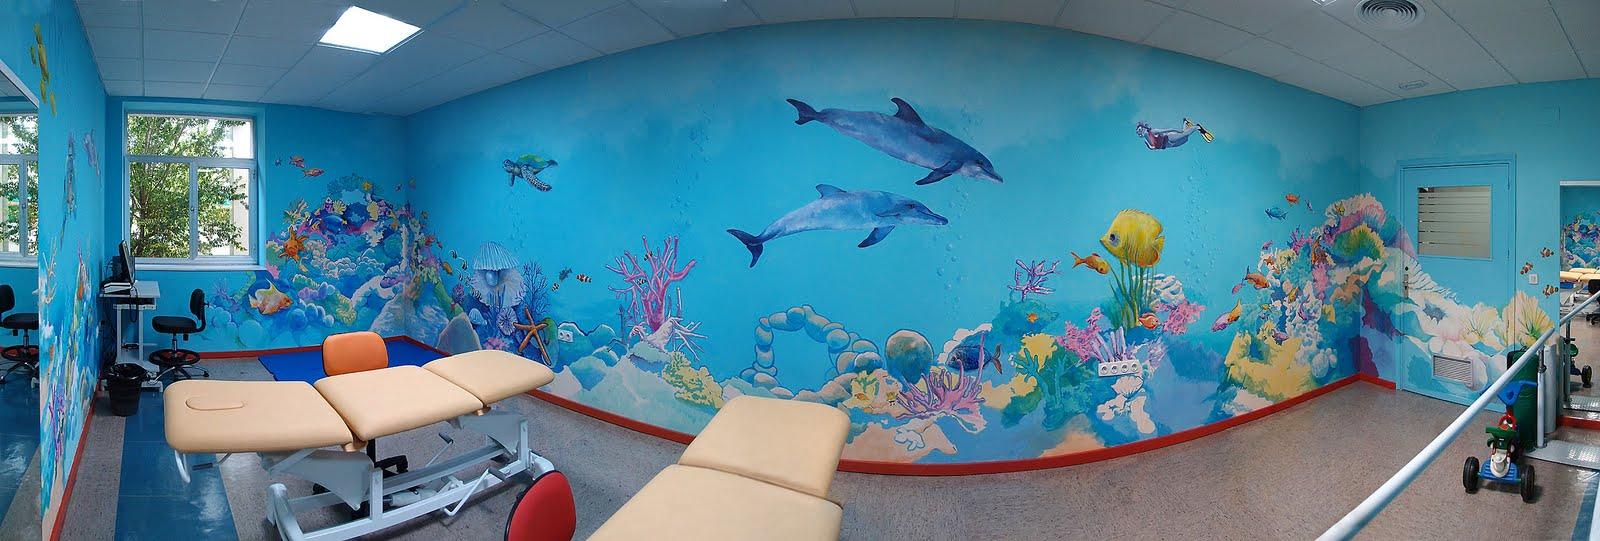 Creavertikal arte sobre el muro trabajos sobre el muro for Decoracion de puertas infantiles